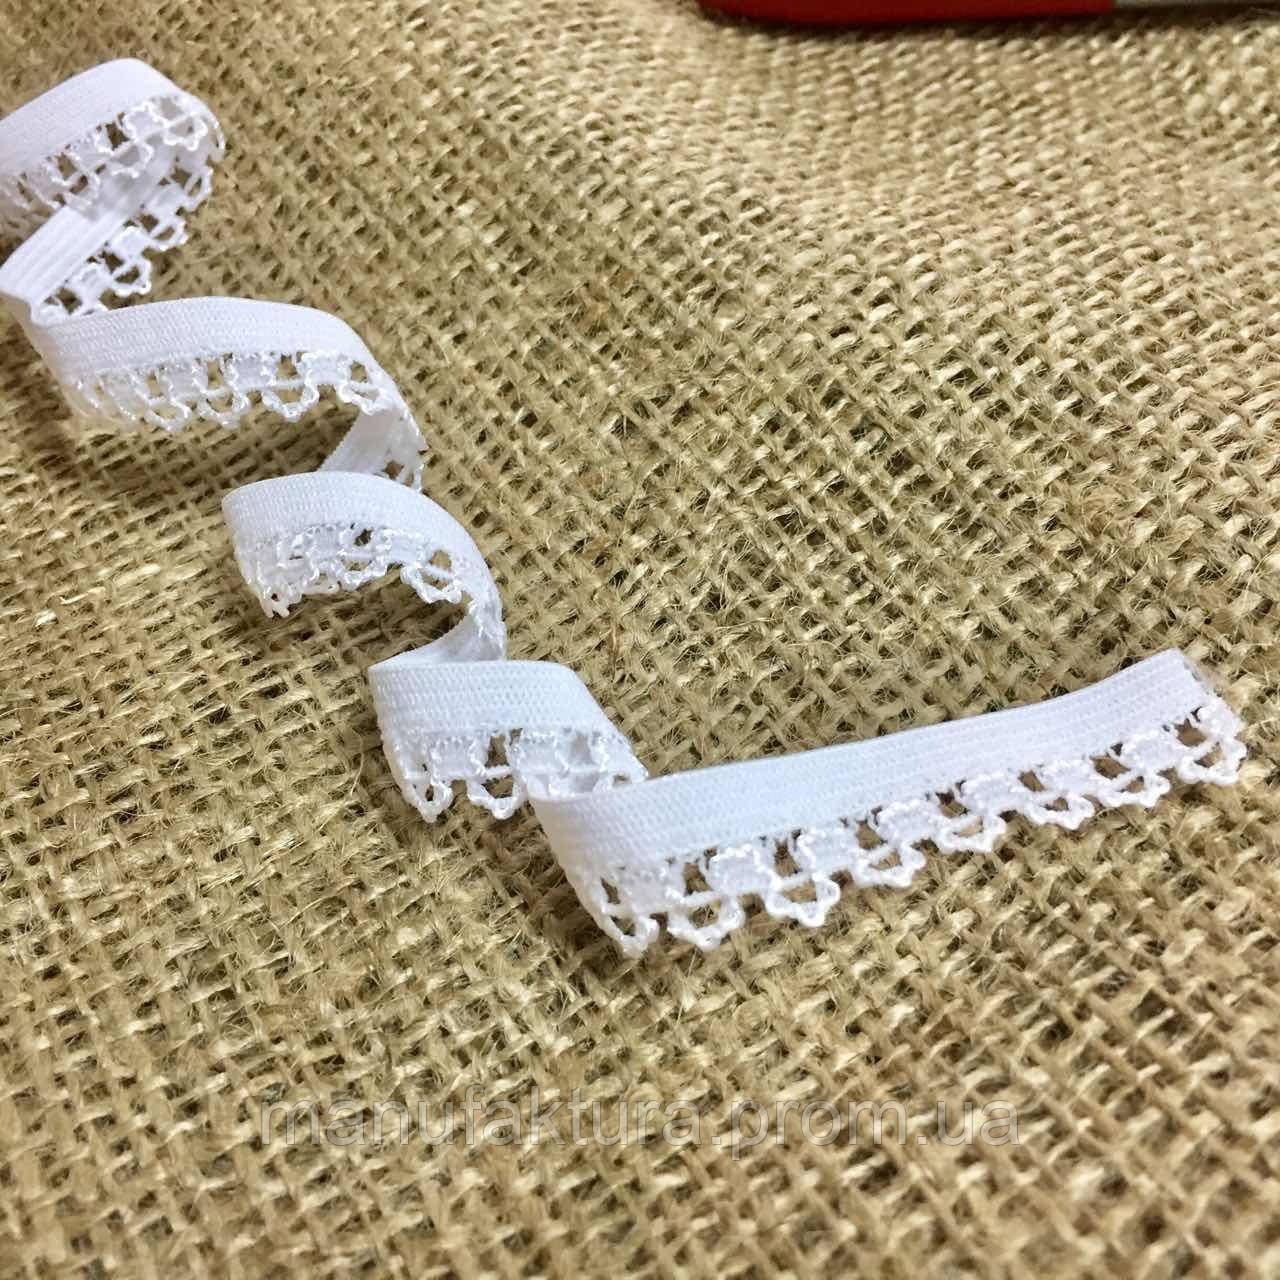 Кружевная резинка для белья бралетт женское белье